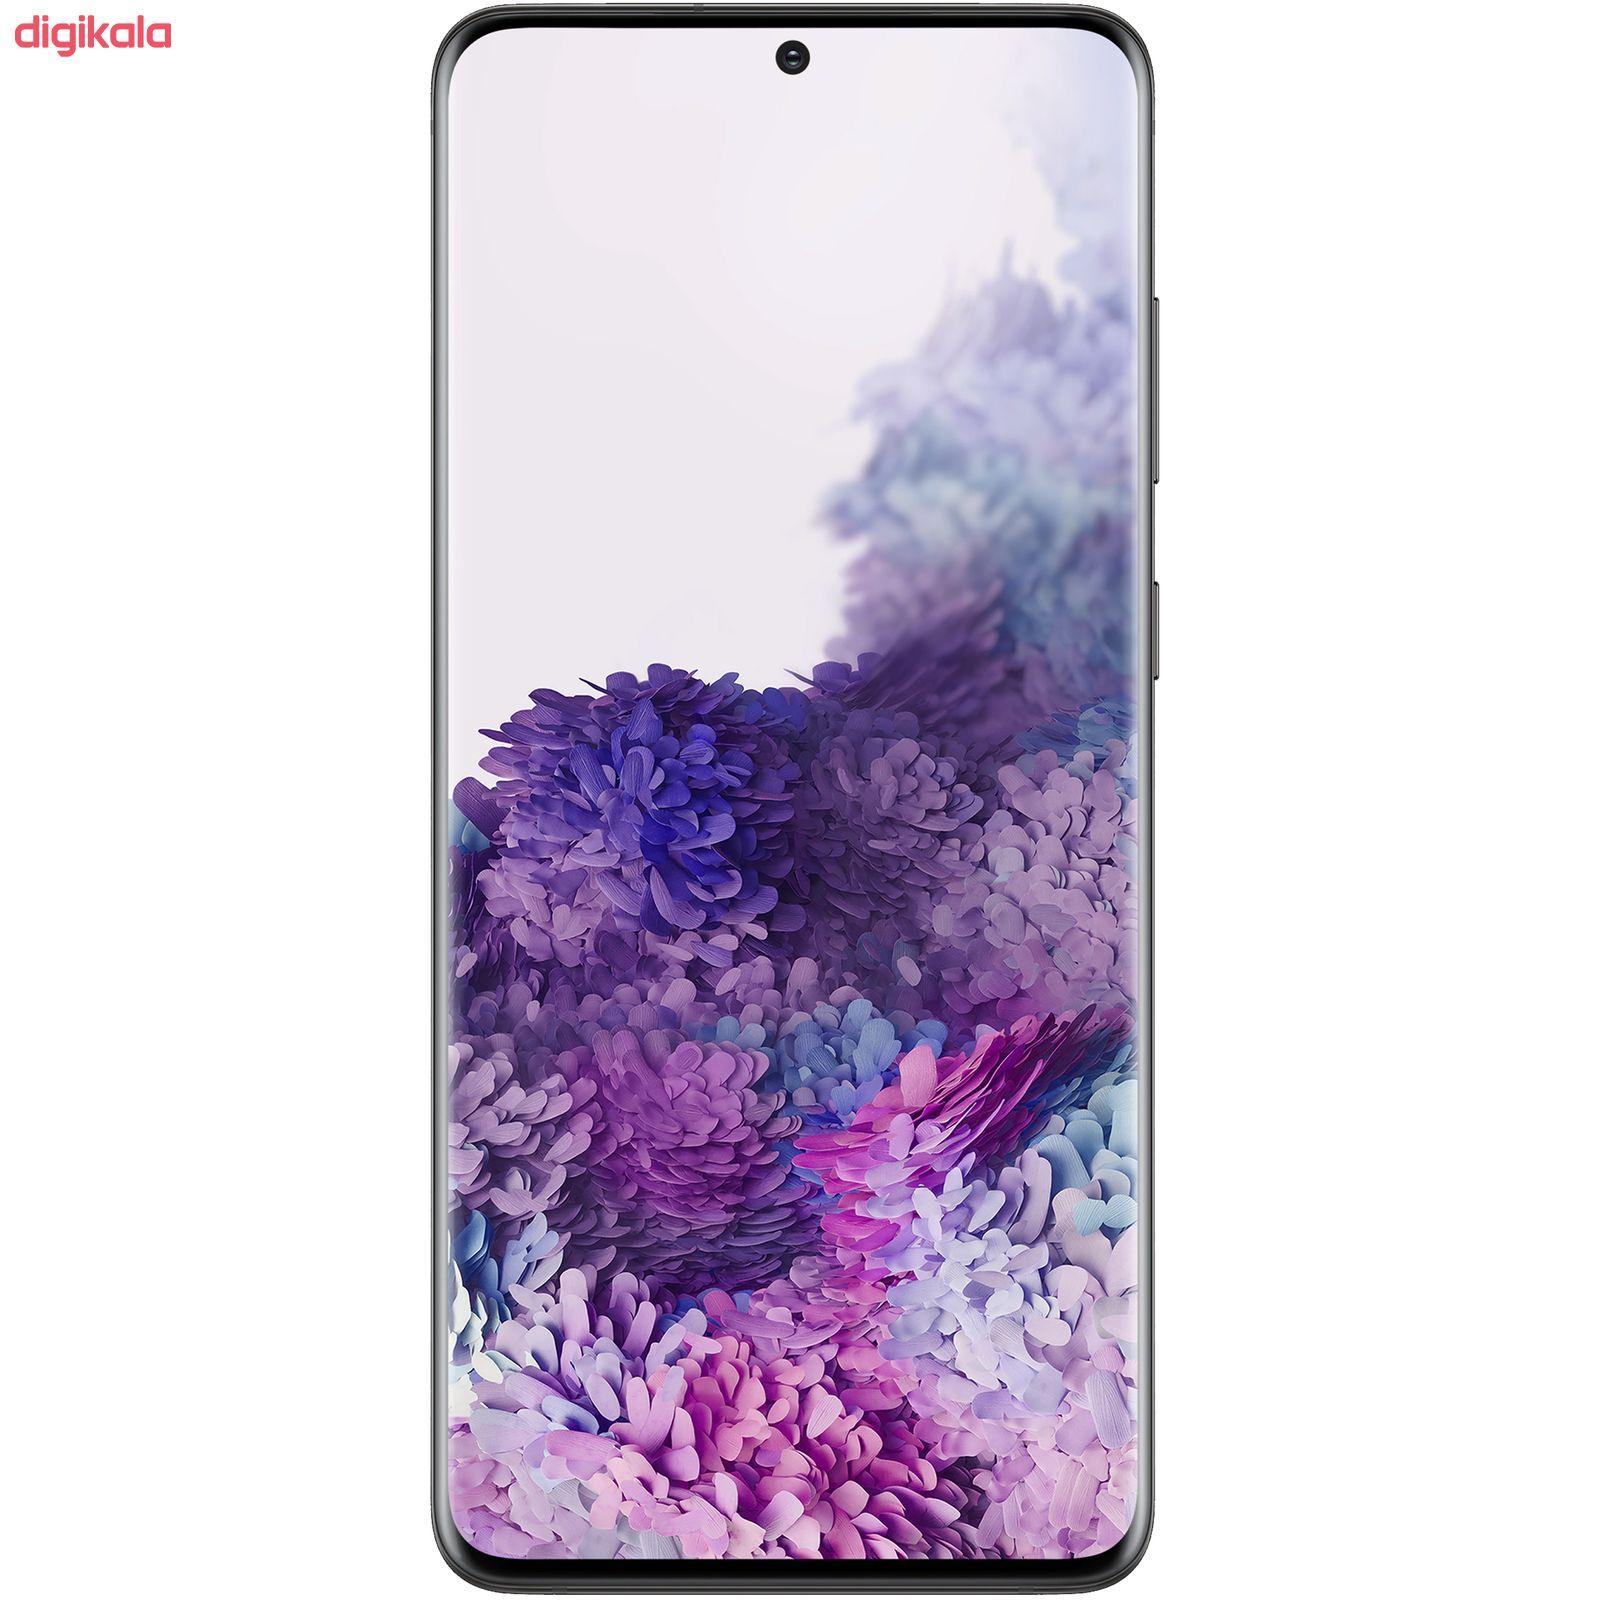 گوشی موبایل سامسونگ مدل  Galaxy S20 Ultra SM-G988B/DS دو سیم کارت ظرفیت 128 گیگابایت  main 1 1